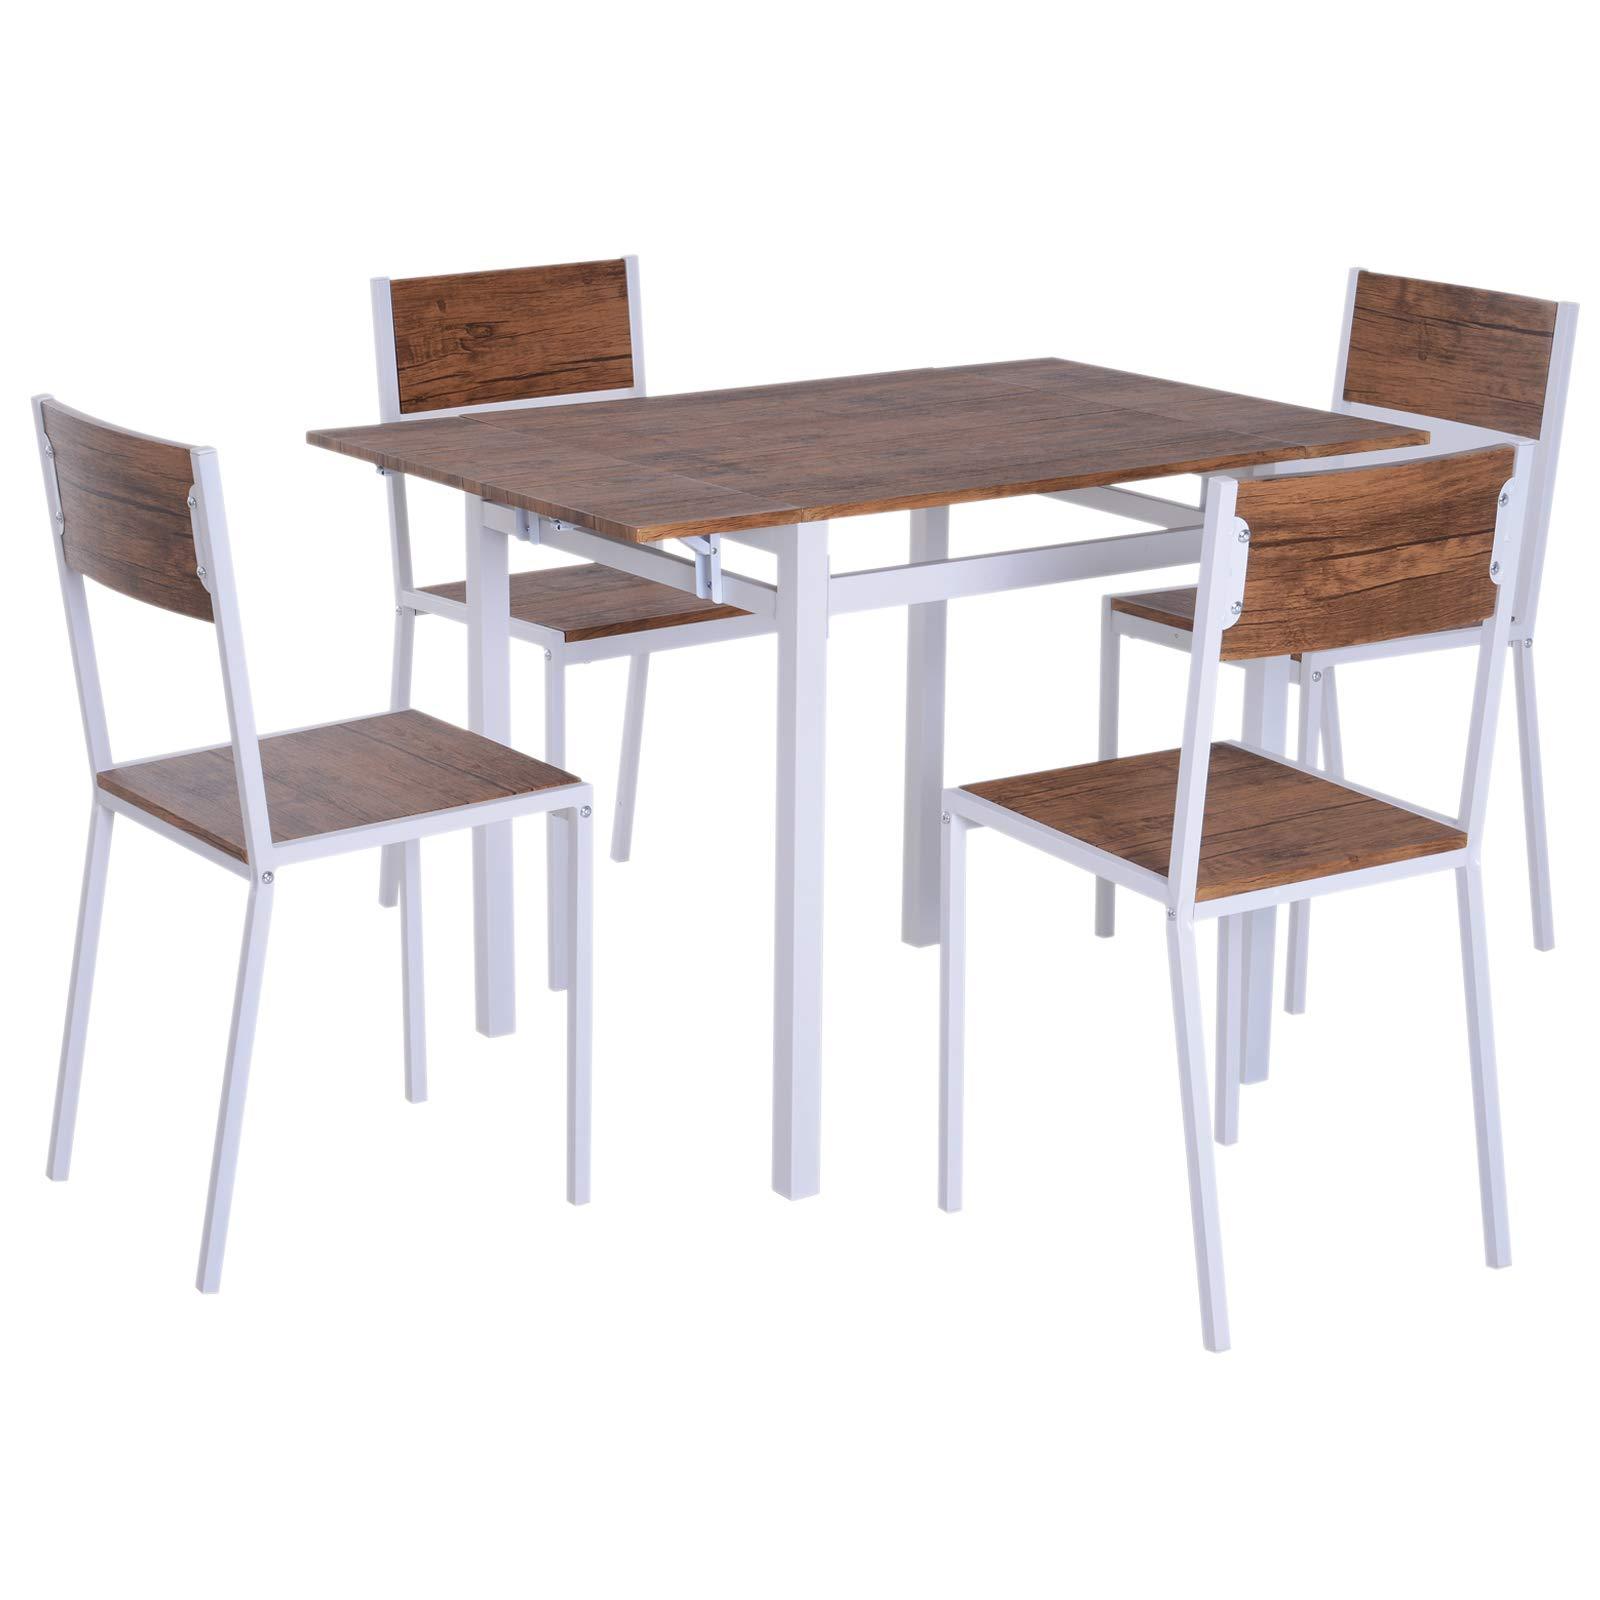 HOMCOM 5 Piezas Conjunto de Mesa Extensible y 4 Sillas de Comedor Juego Muebles de Cocina Sala Madera y Metal: Amazon.es: Juguetes y juegos